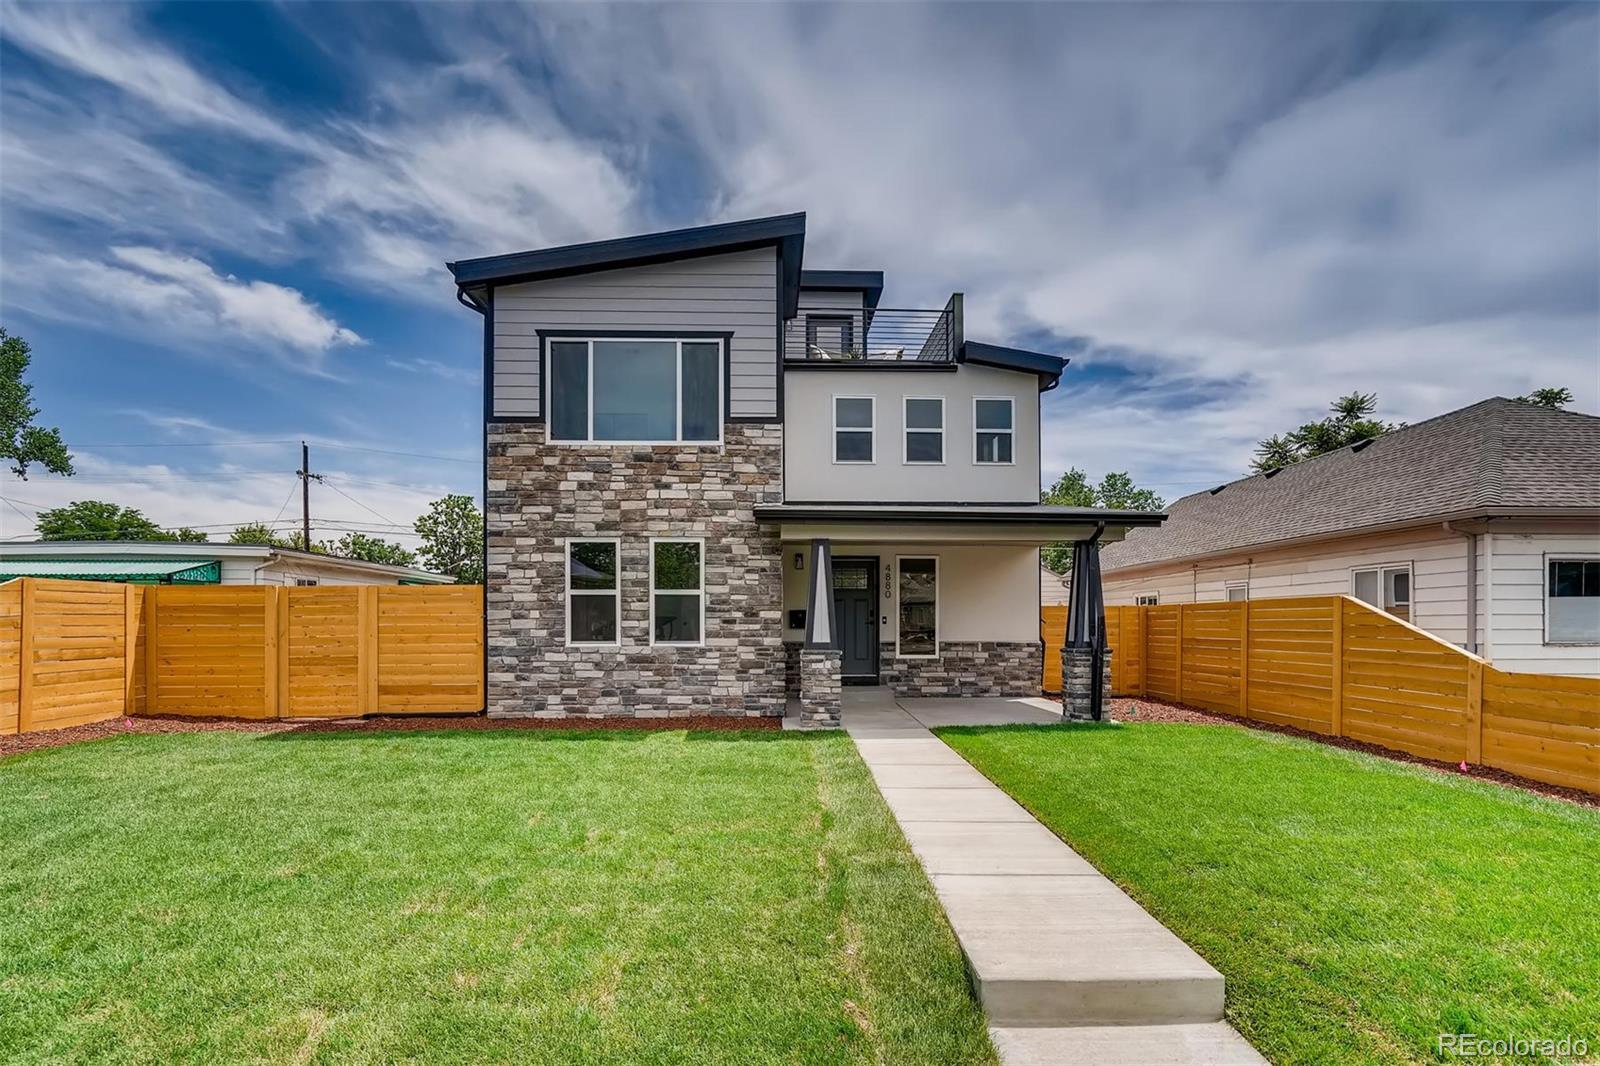 MLS# 7587059 - 1 - 4880 N Hooker Street, Denver, CO 80221